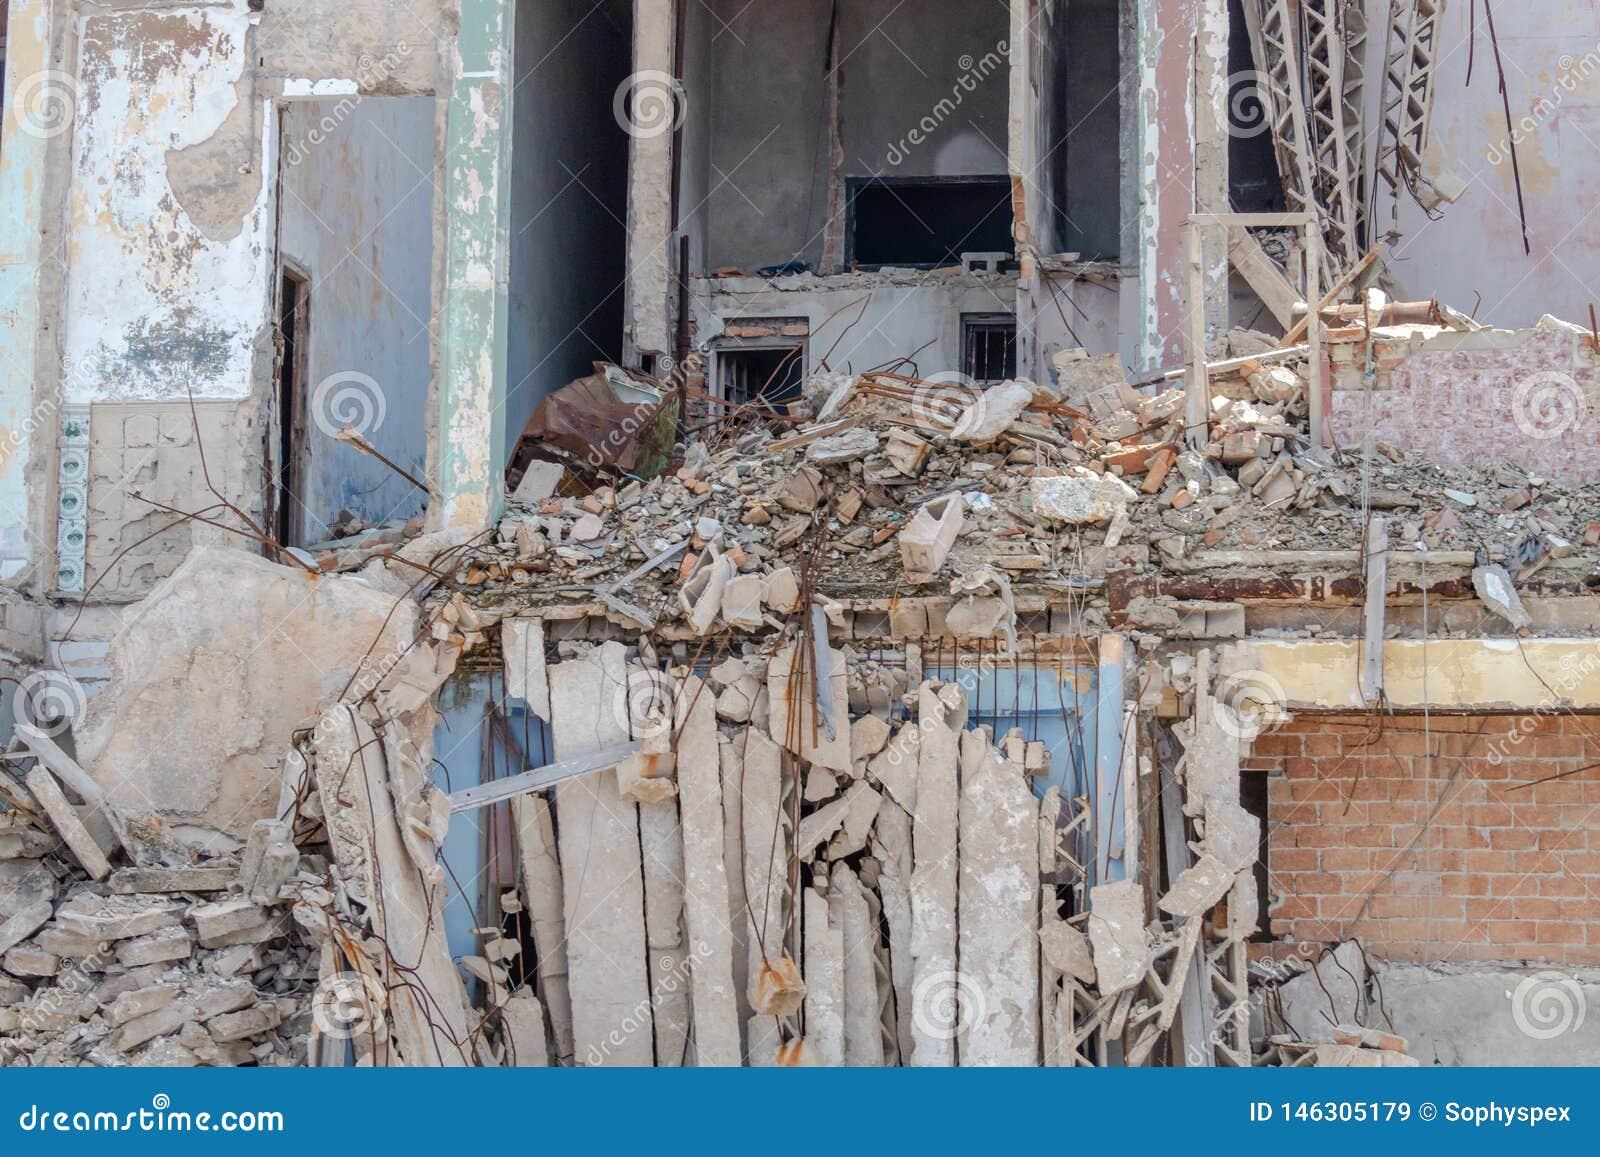 Construcción de viviendas concreta derrumbada en La Habana, Cuba